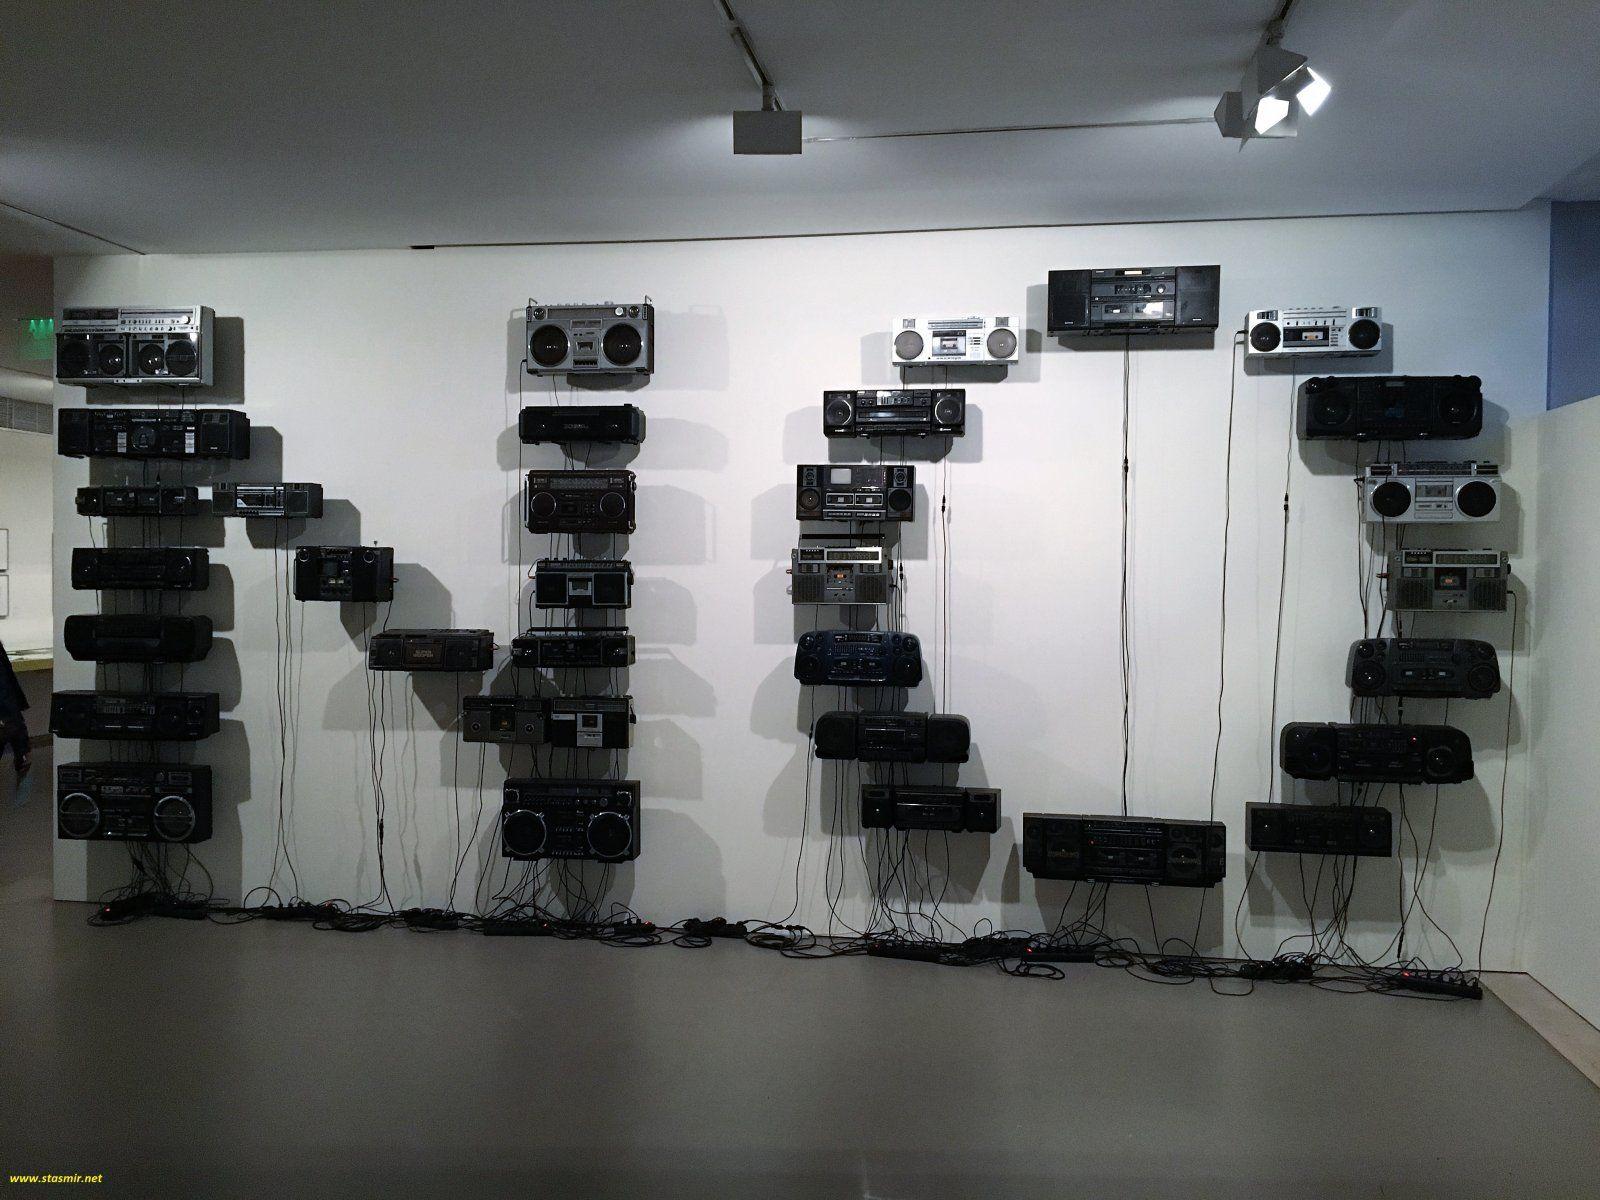 нет, нет, нет - мы хотим сегодня. Инсталляция в Лиссабоне. Фото Стасмир, photo Stasmir